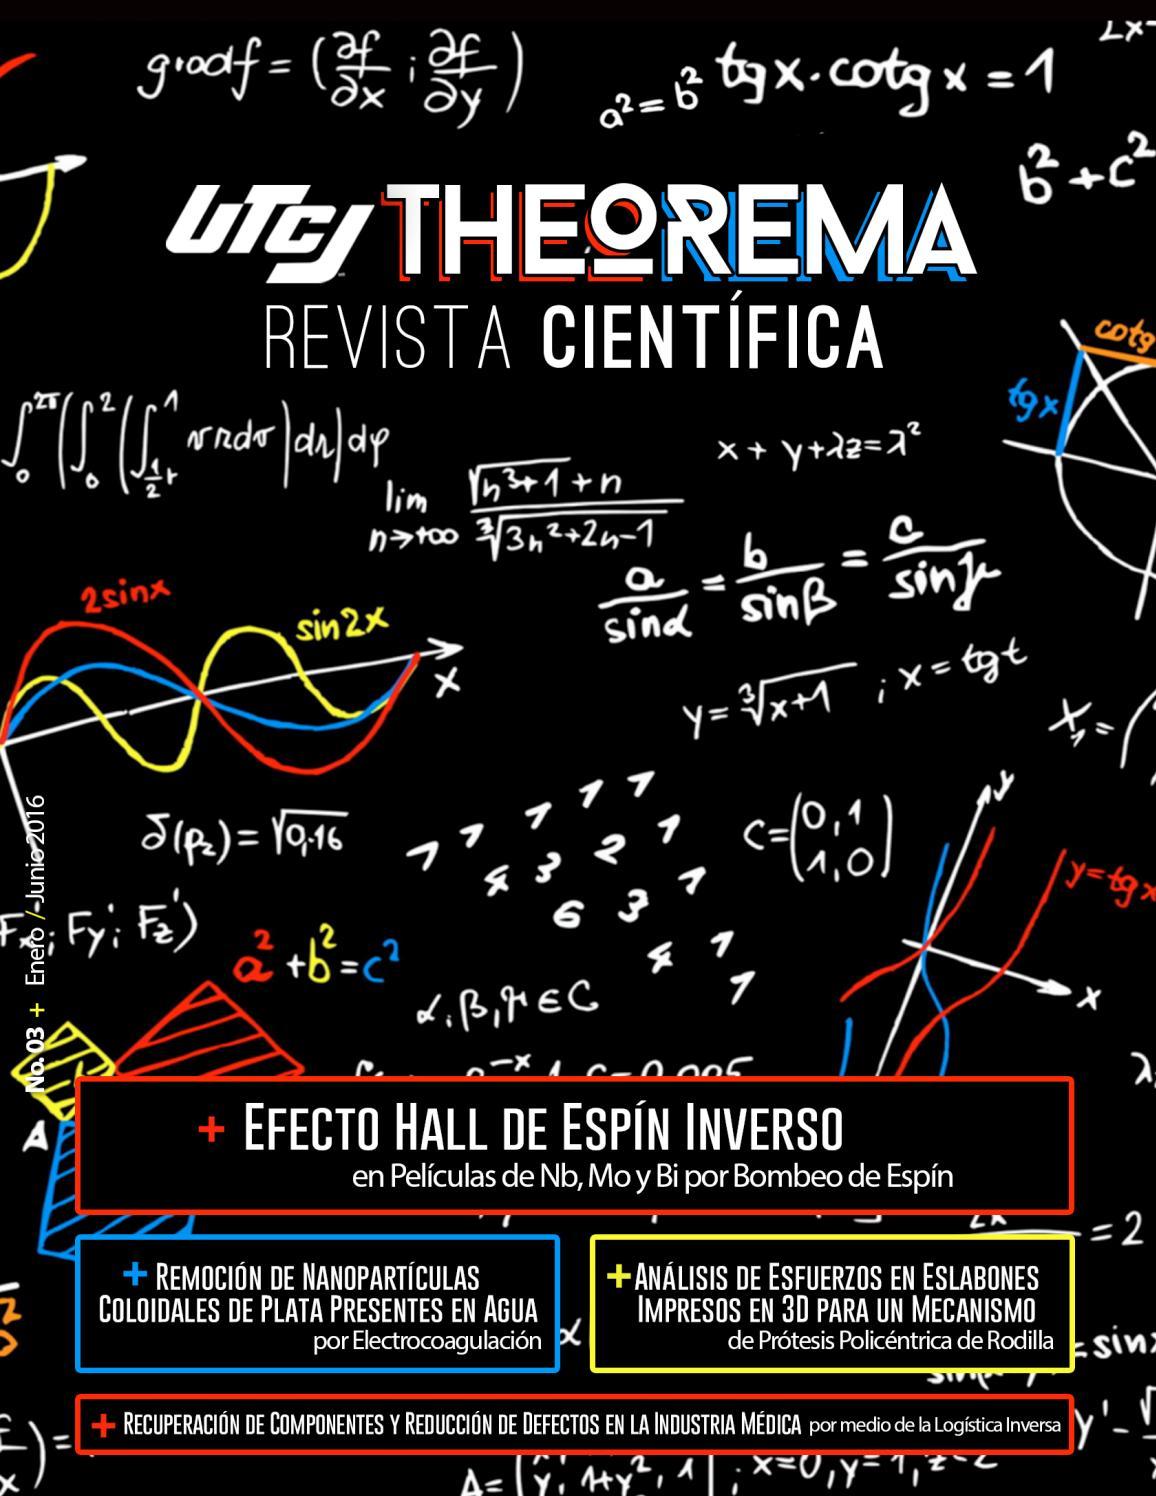 UTCJ Theorema Revista Científica 3era Edición Enero-Junio 2016 by ...